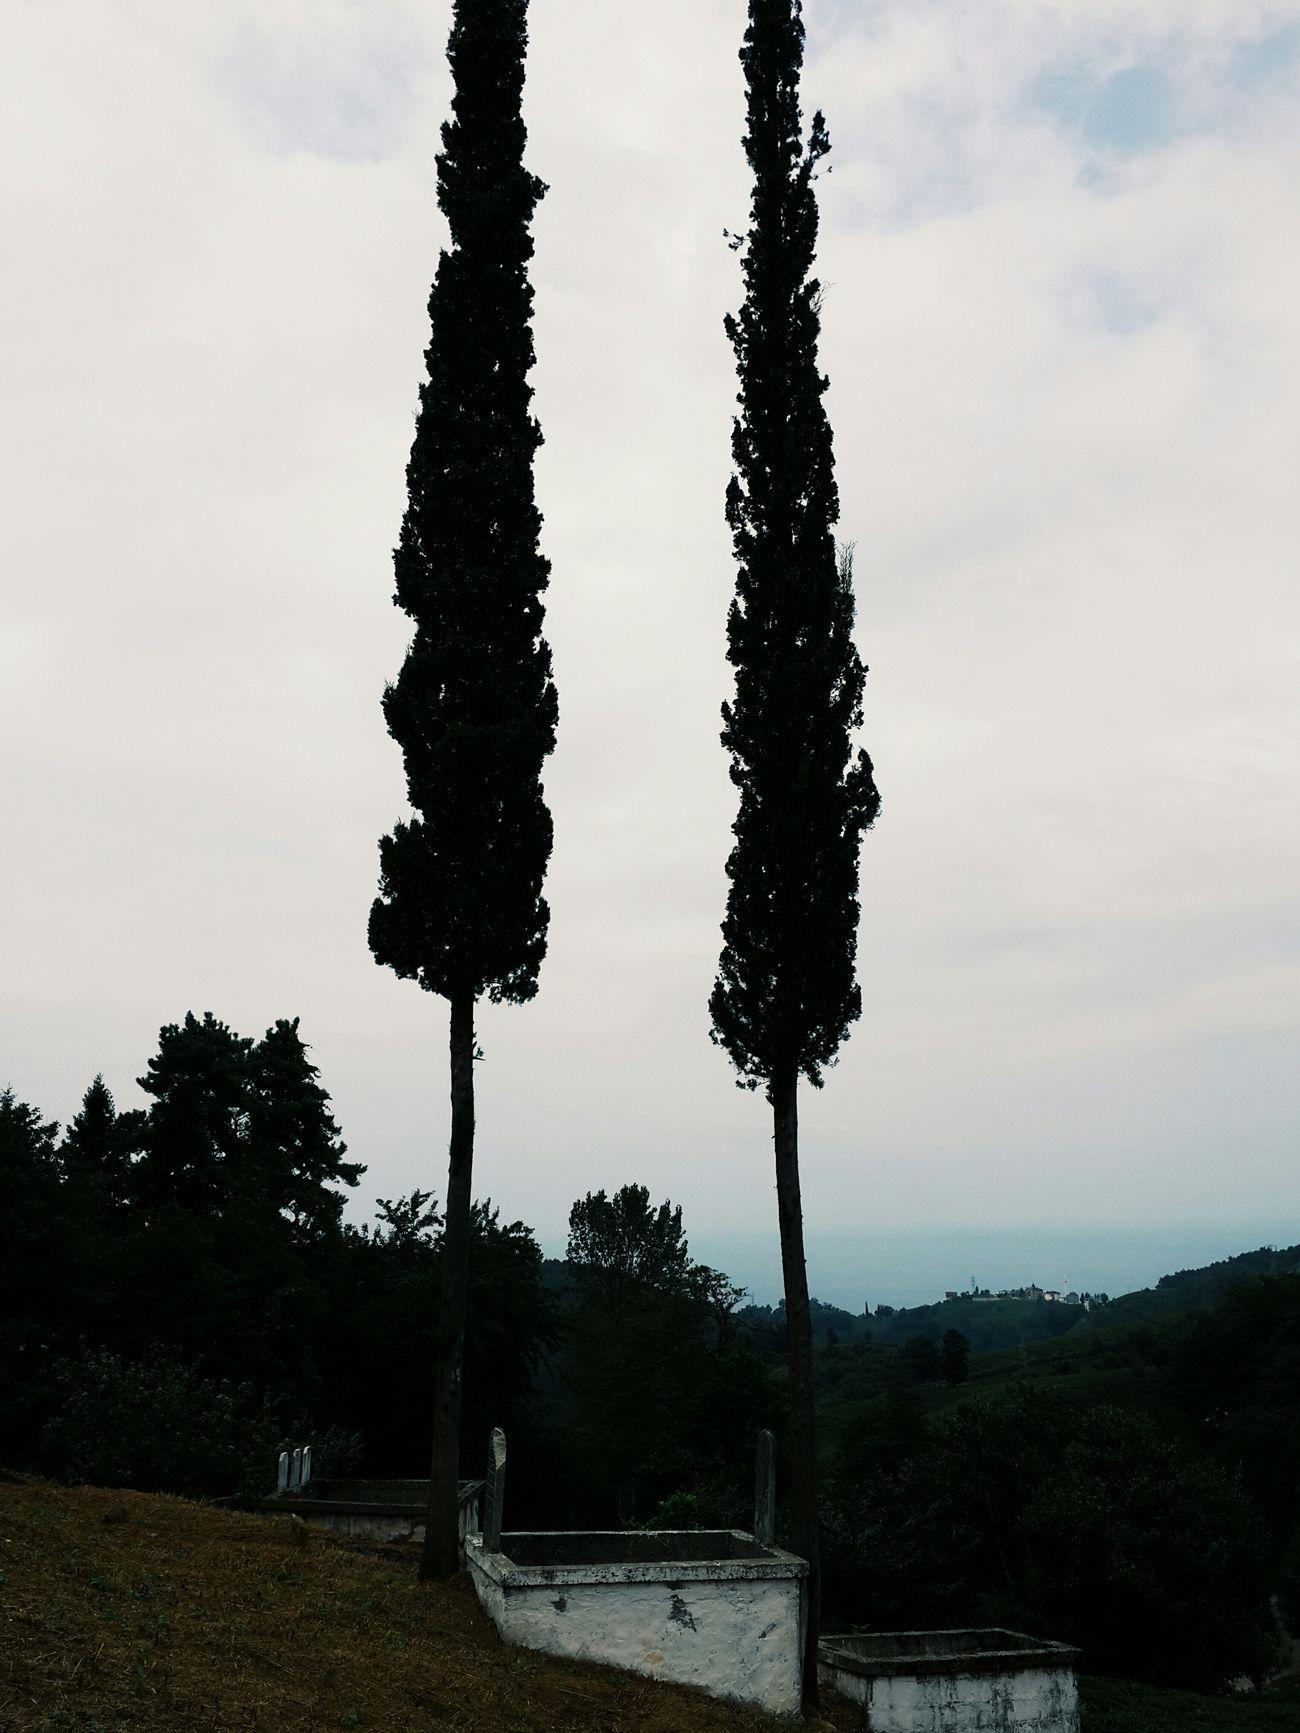 Nasıl göründüğünü çekme, ne hissettirdiğini çek! Trabzon Vscocam VSCO Note3 Taking Photo Died